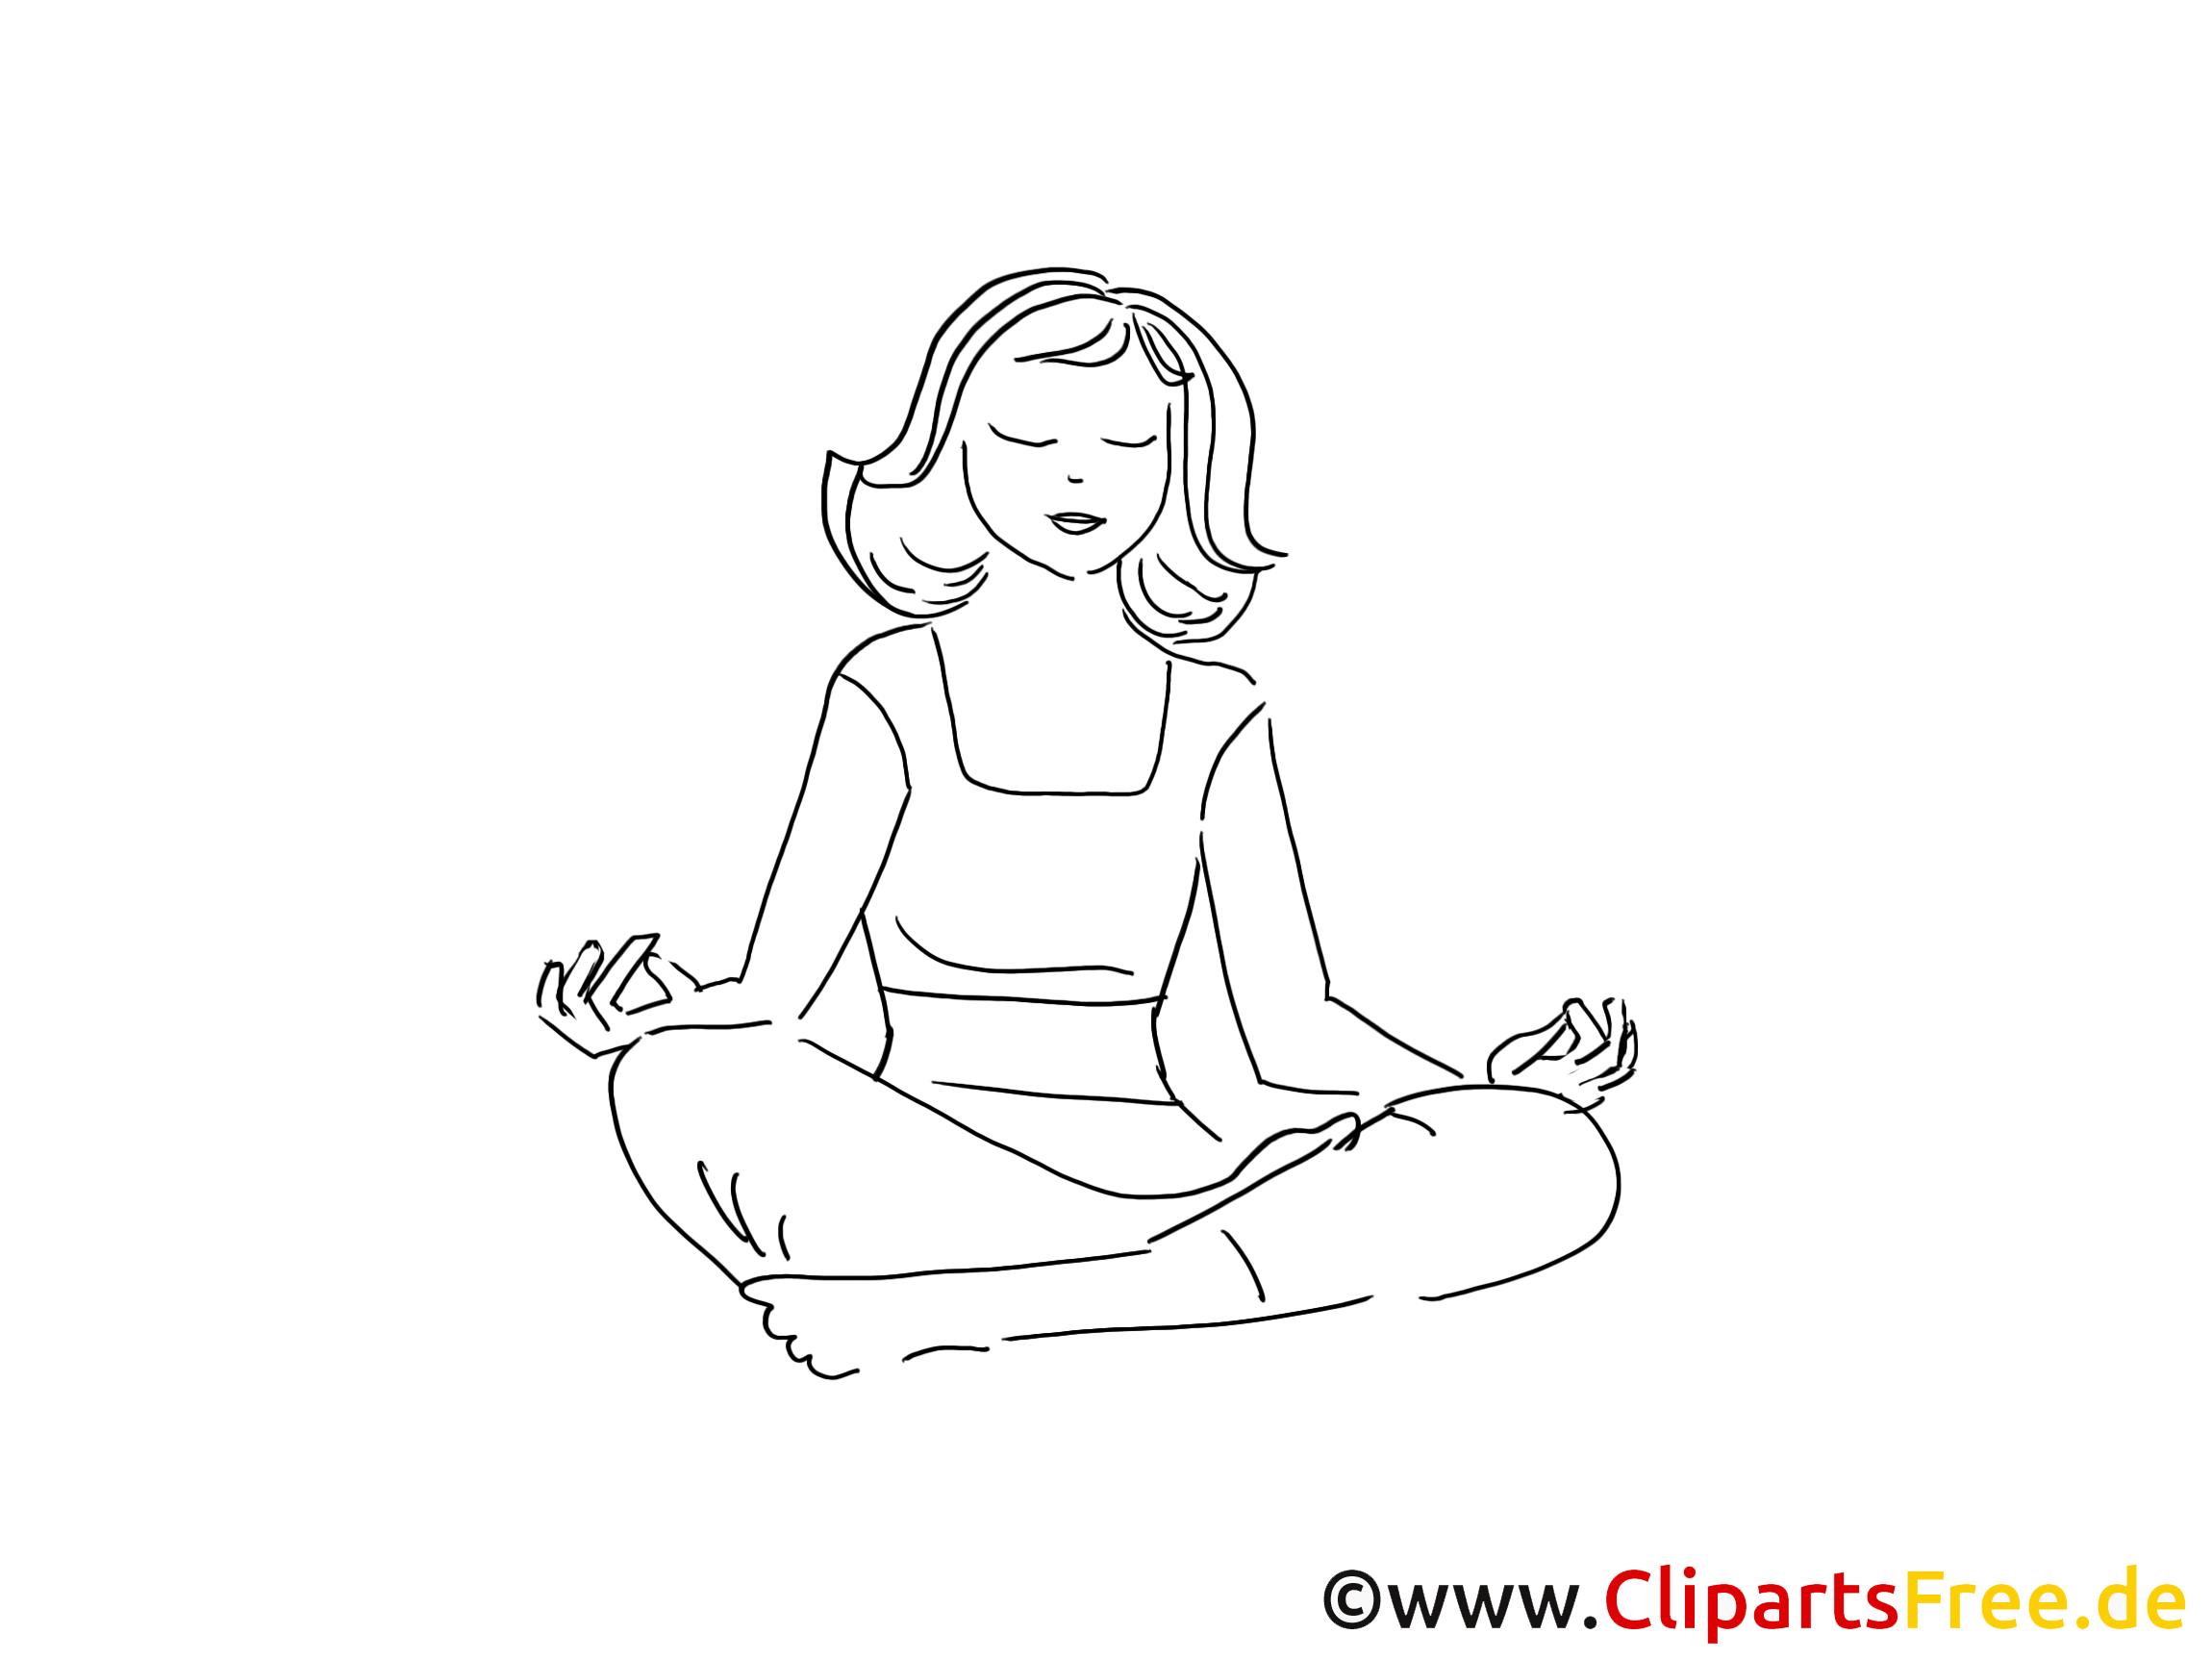 Yoga loisir à colorier gratuite